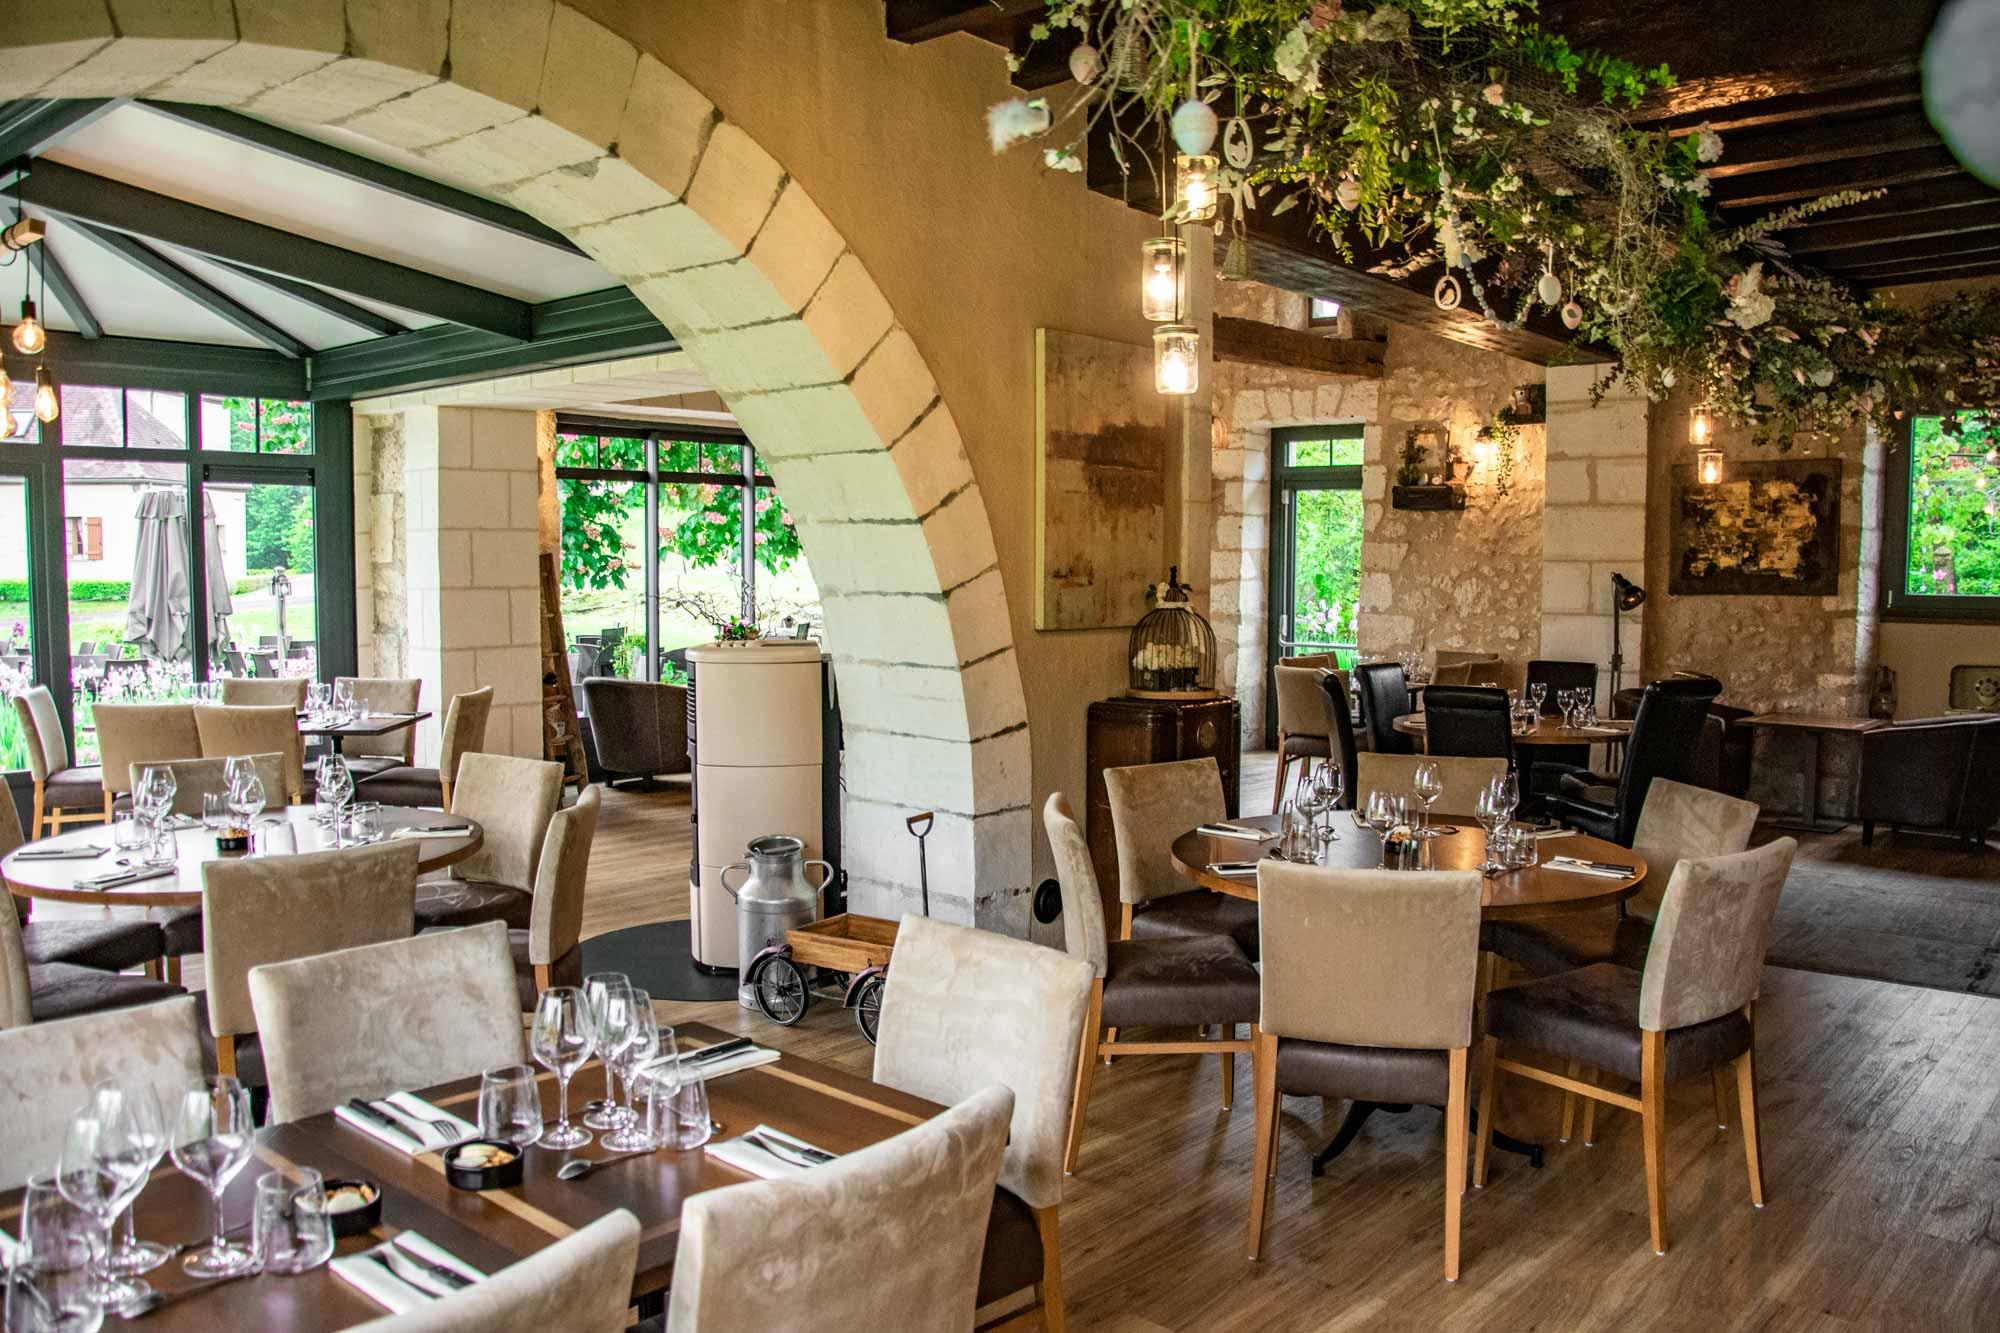 Salle du restaurant - Restaurant main room